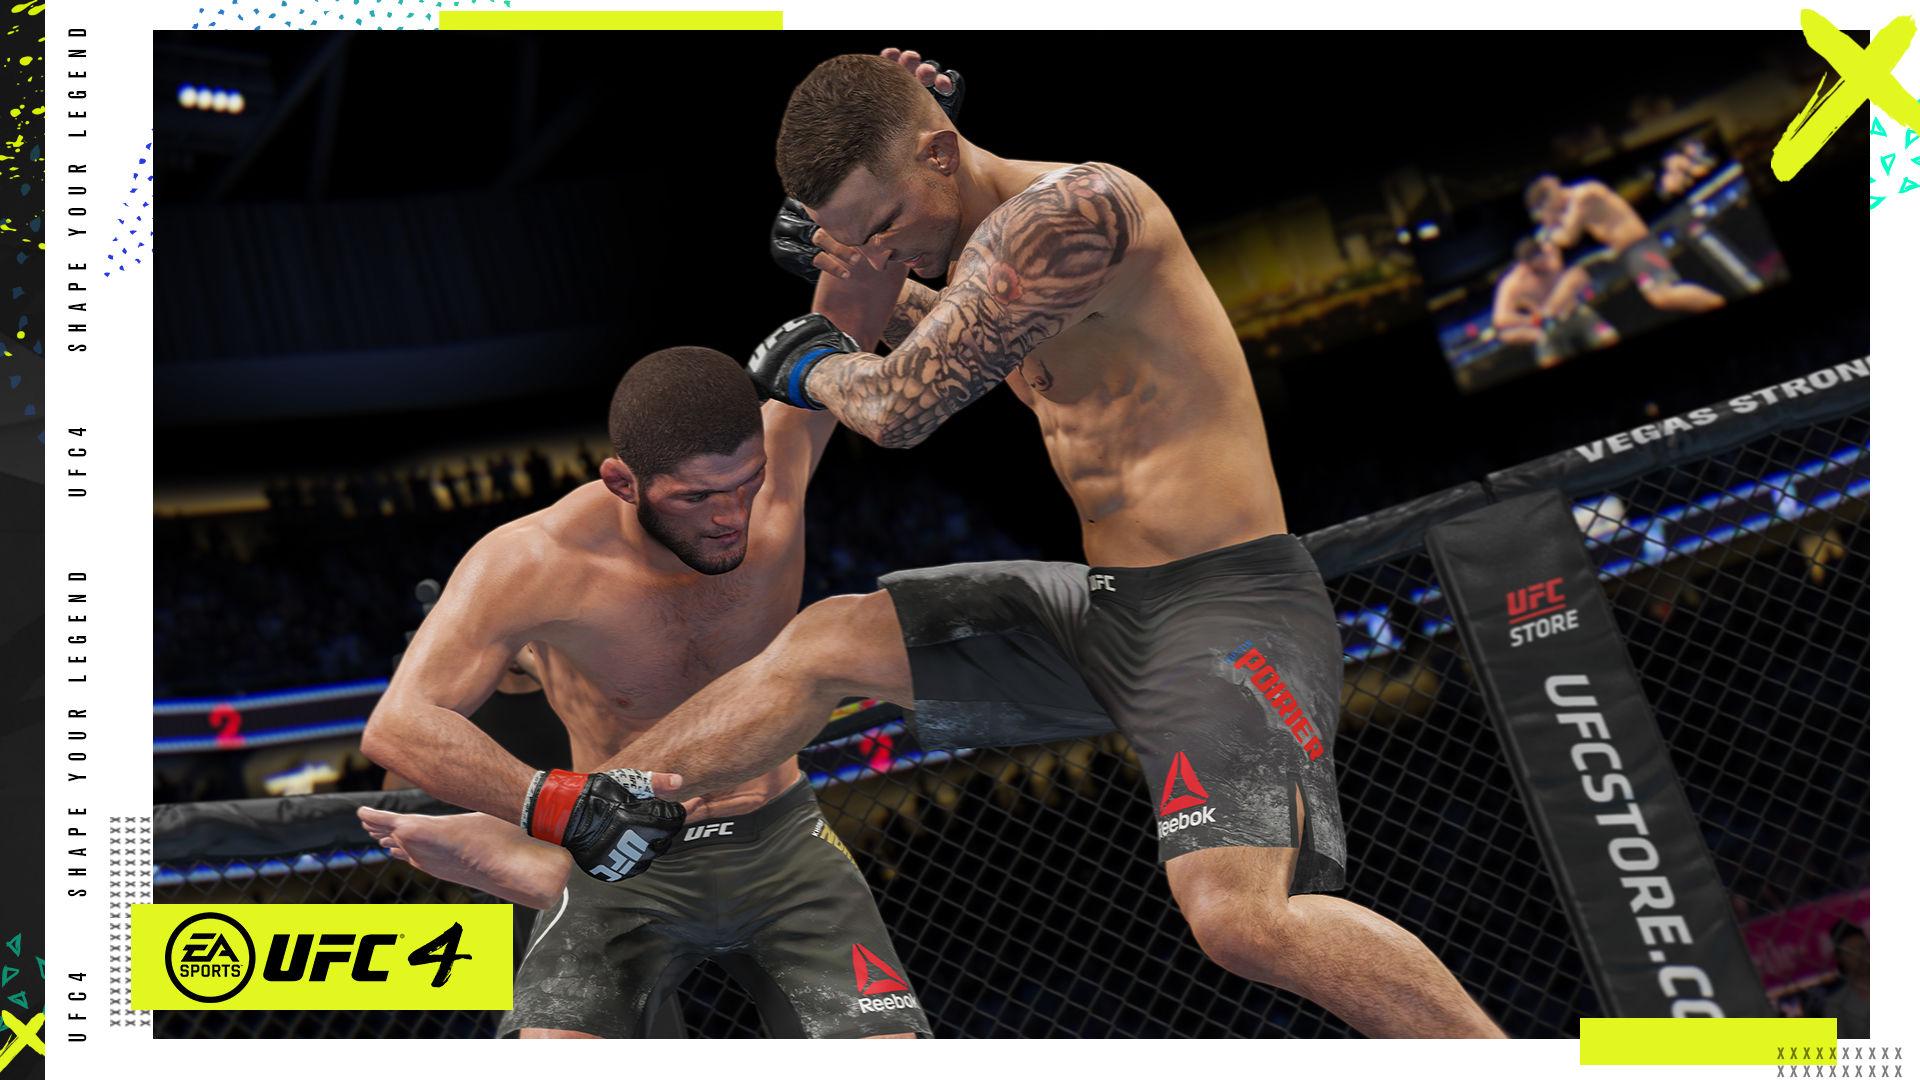 UFC 4 PlayStation 4 ve Xbox One için duyuruldu